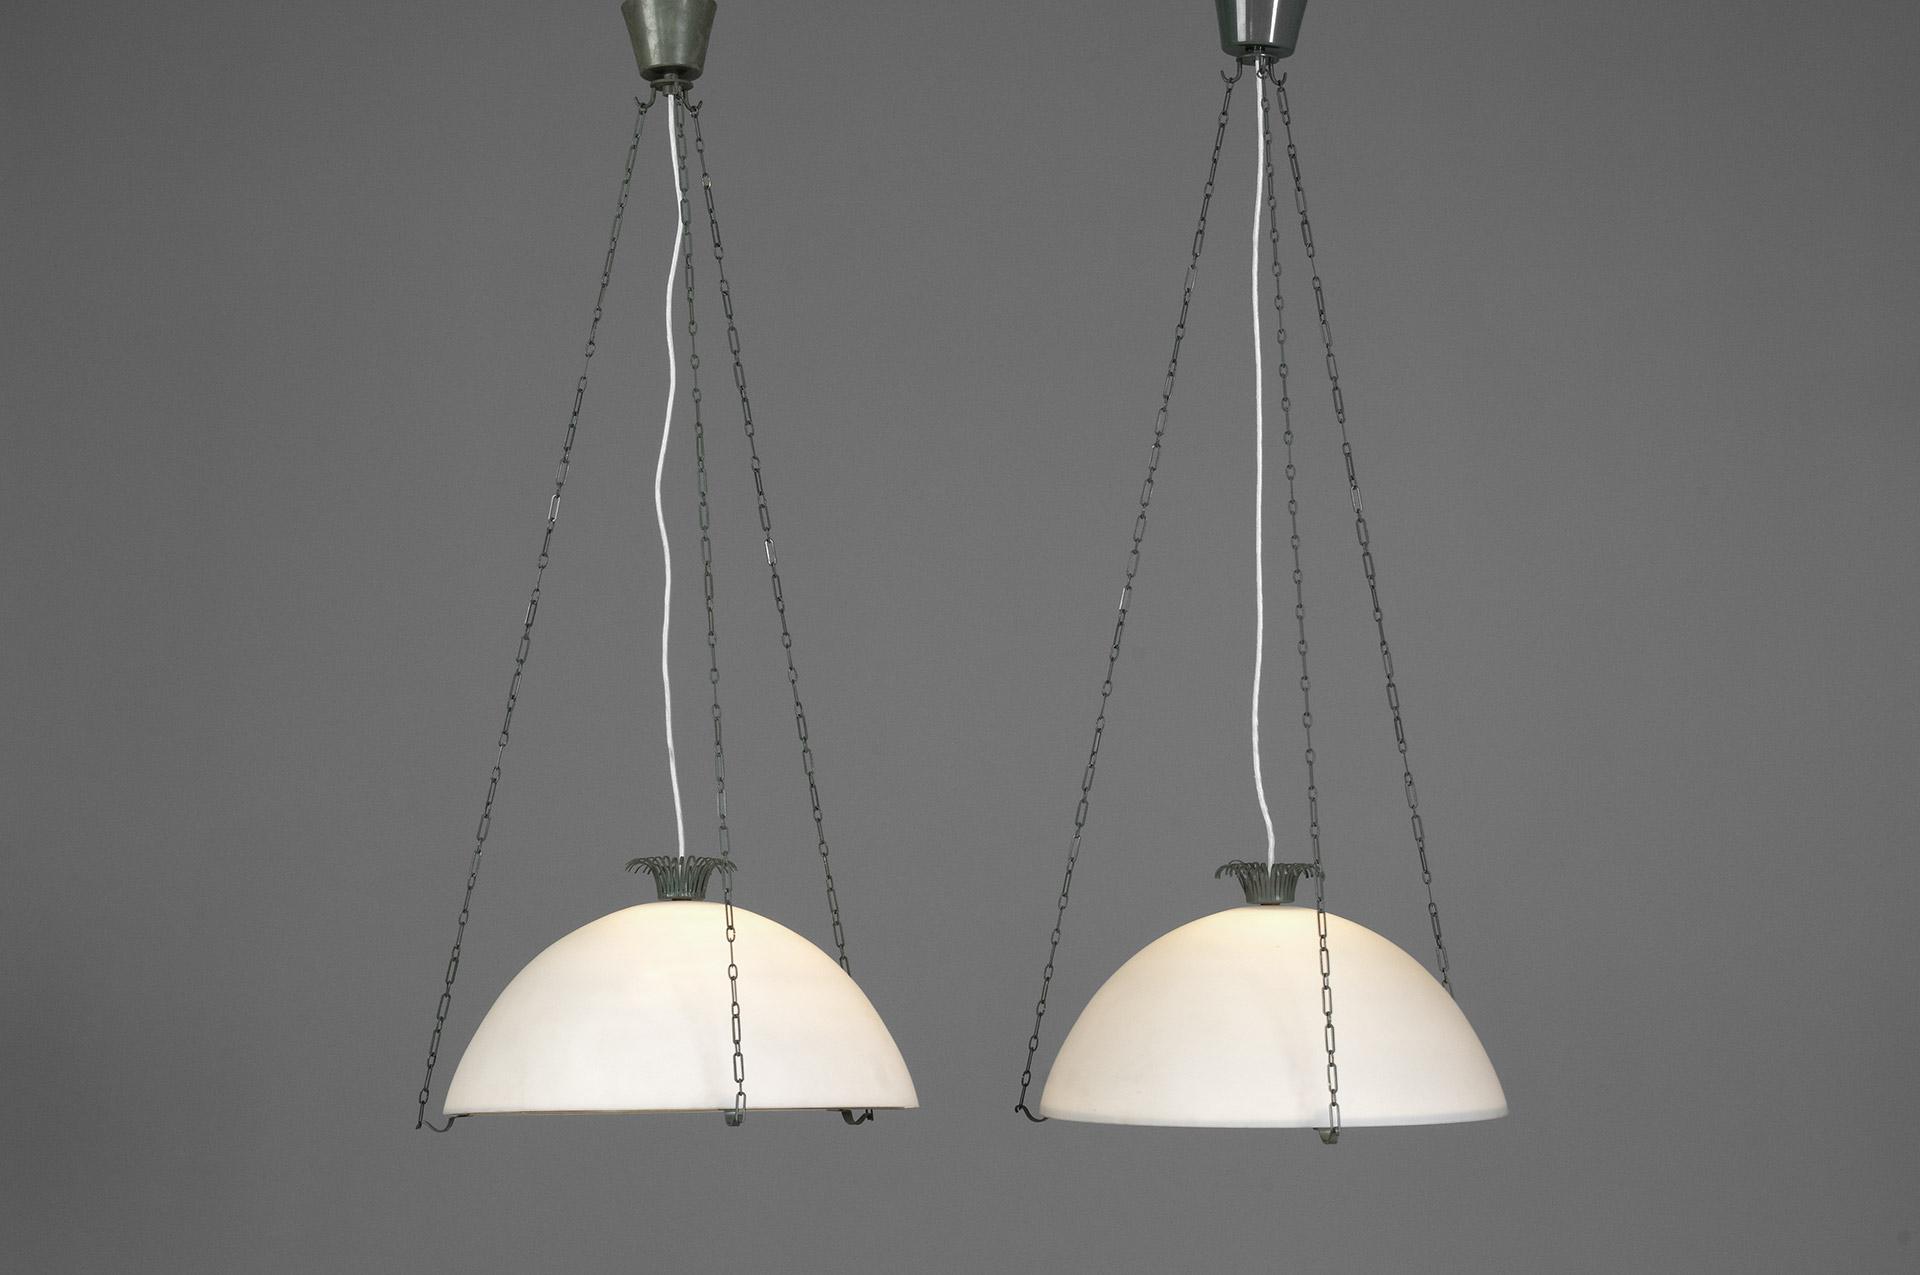 Jacksons Pair Of Lamps Gunnar Asplund